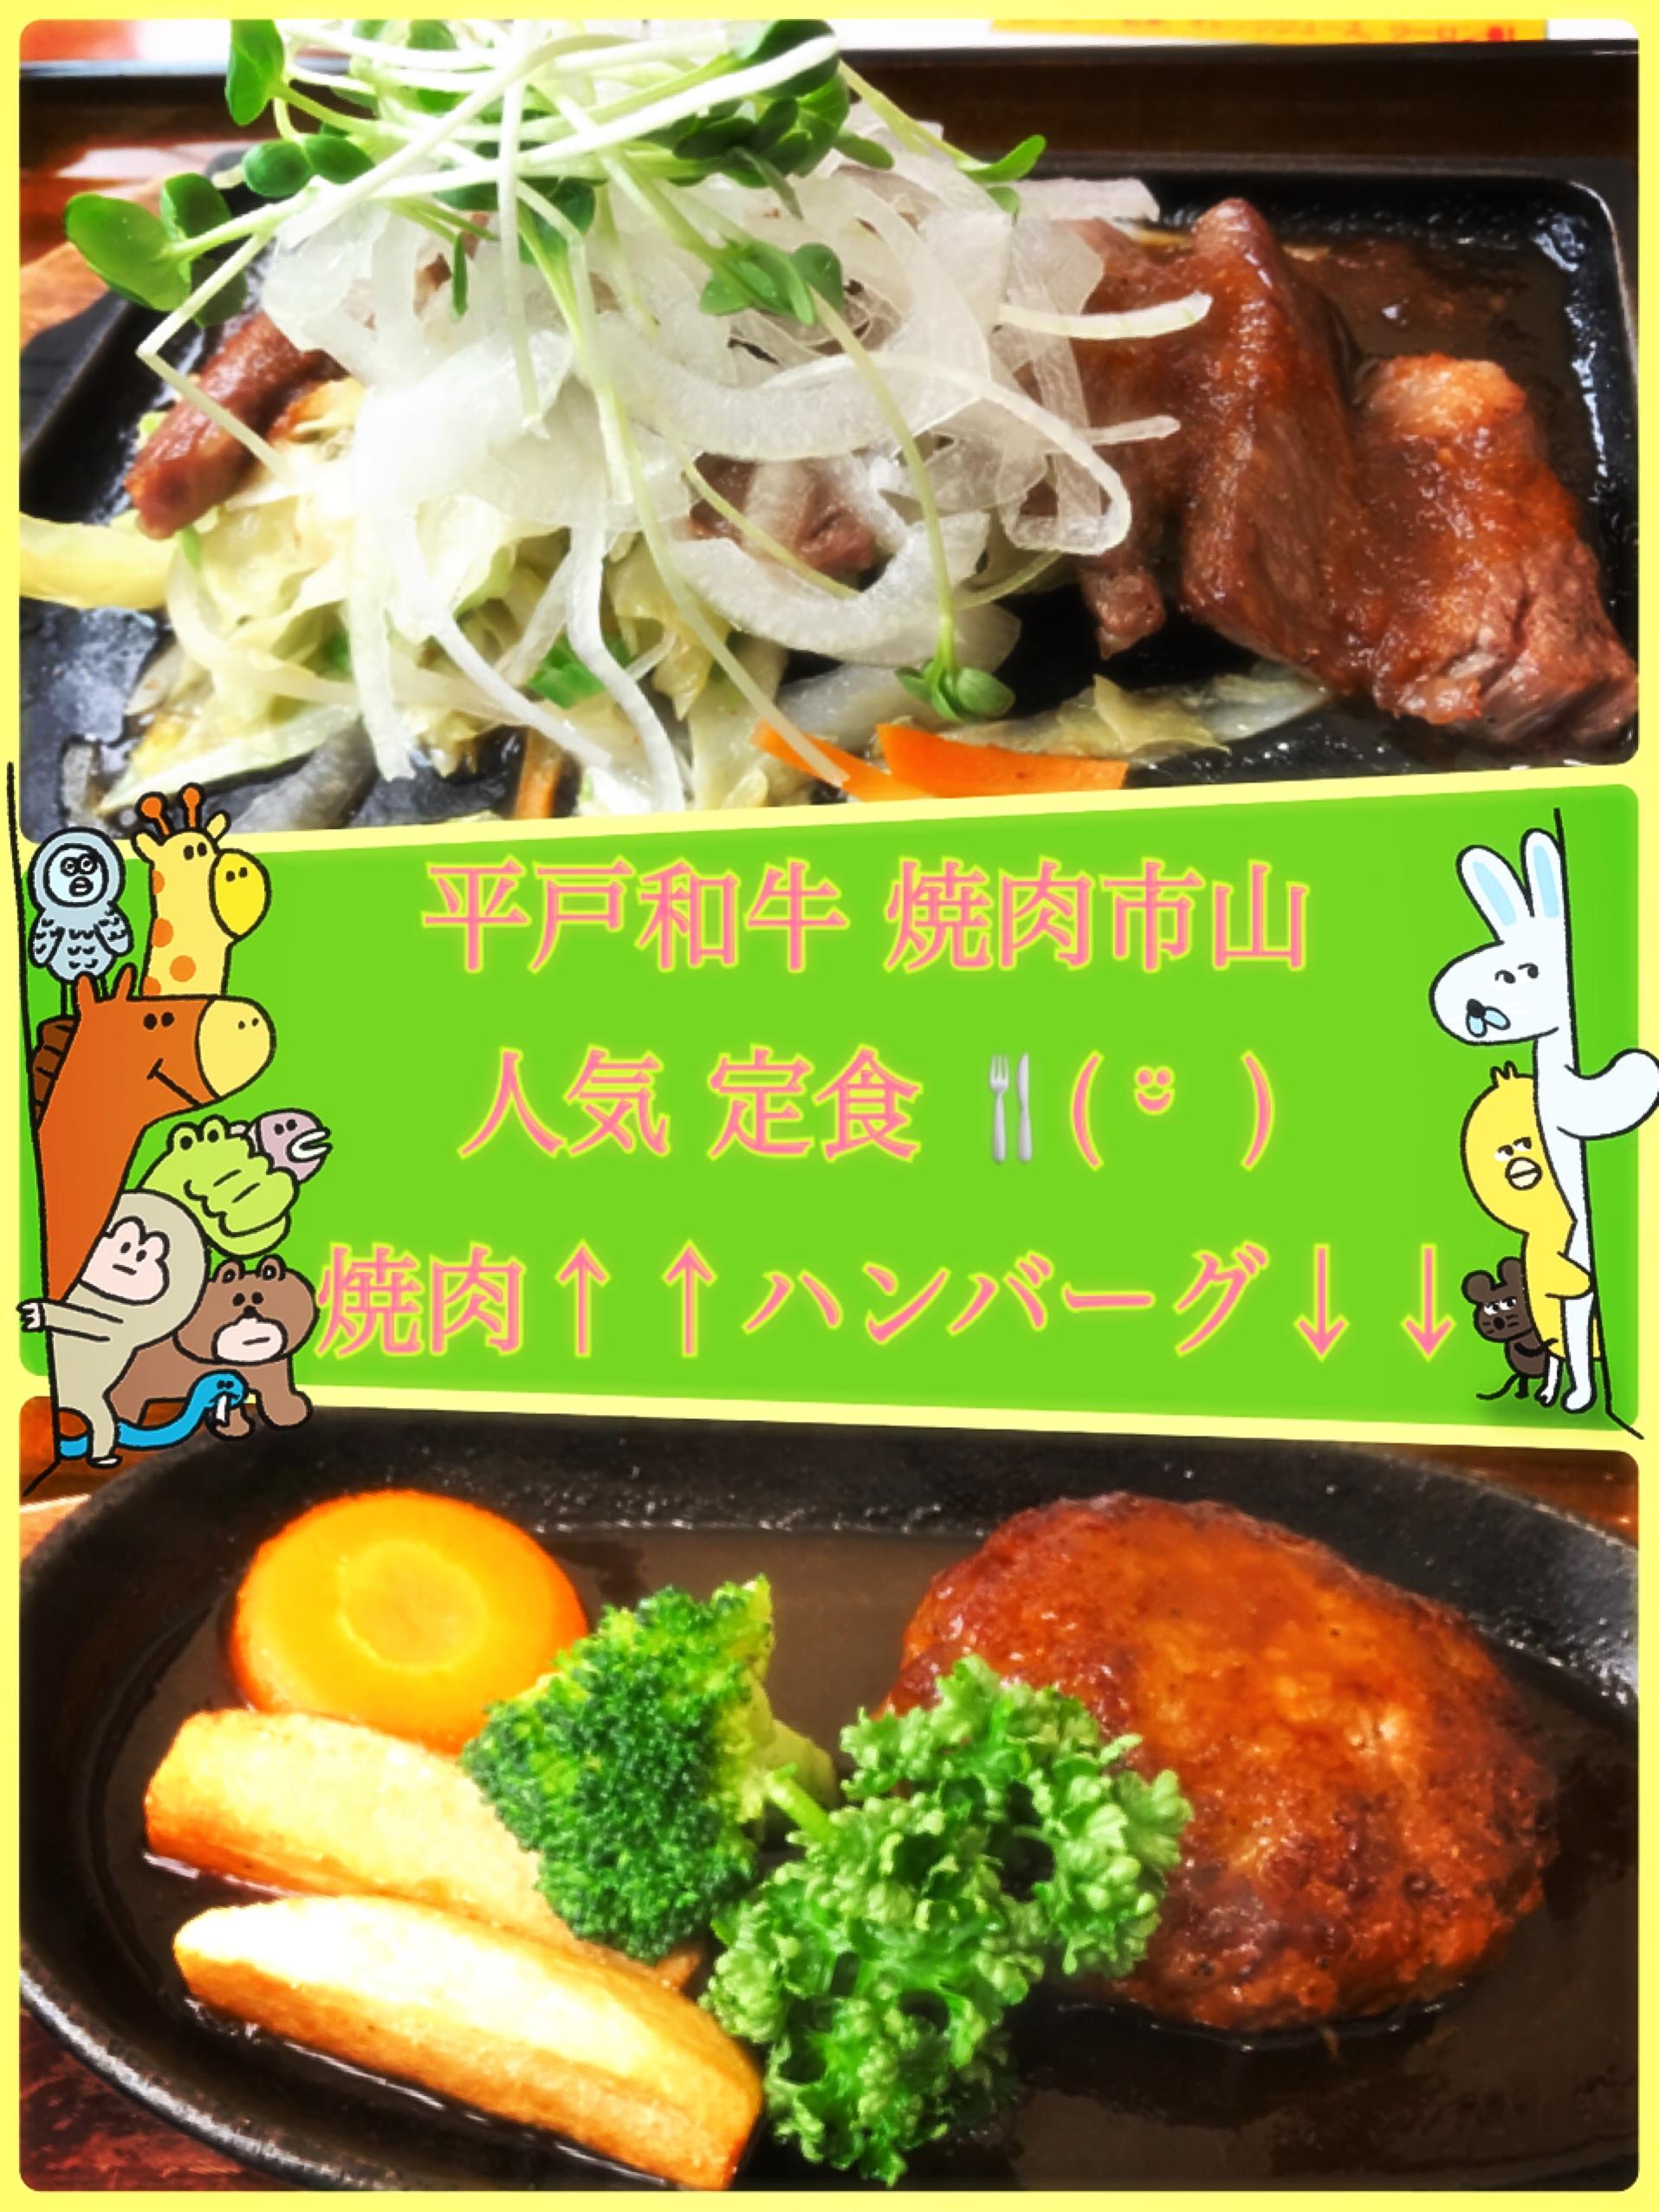 平戸和牛 焼肉市山 美味しいランチございます🍴( ¨̮  )💬💕